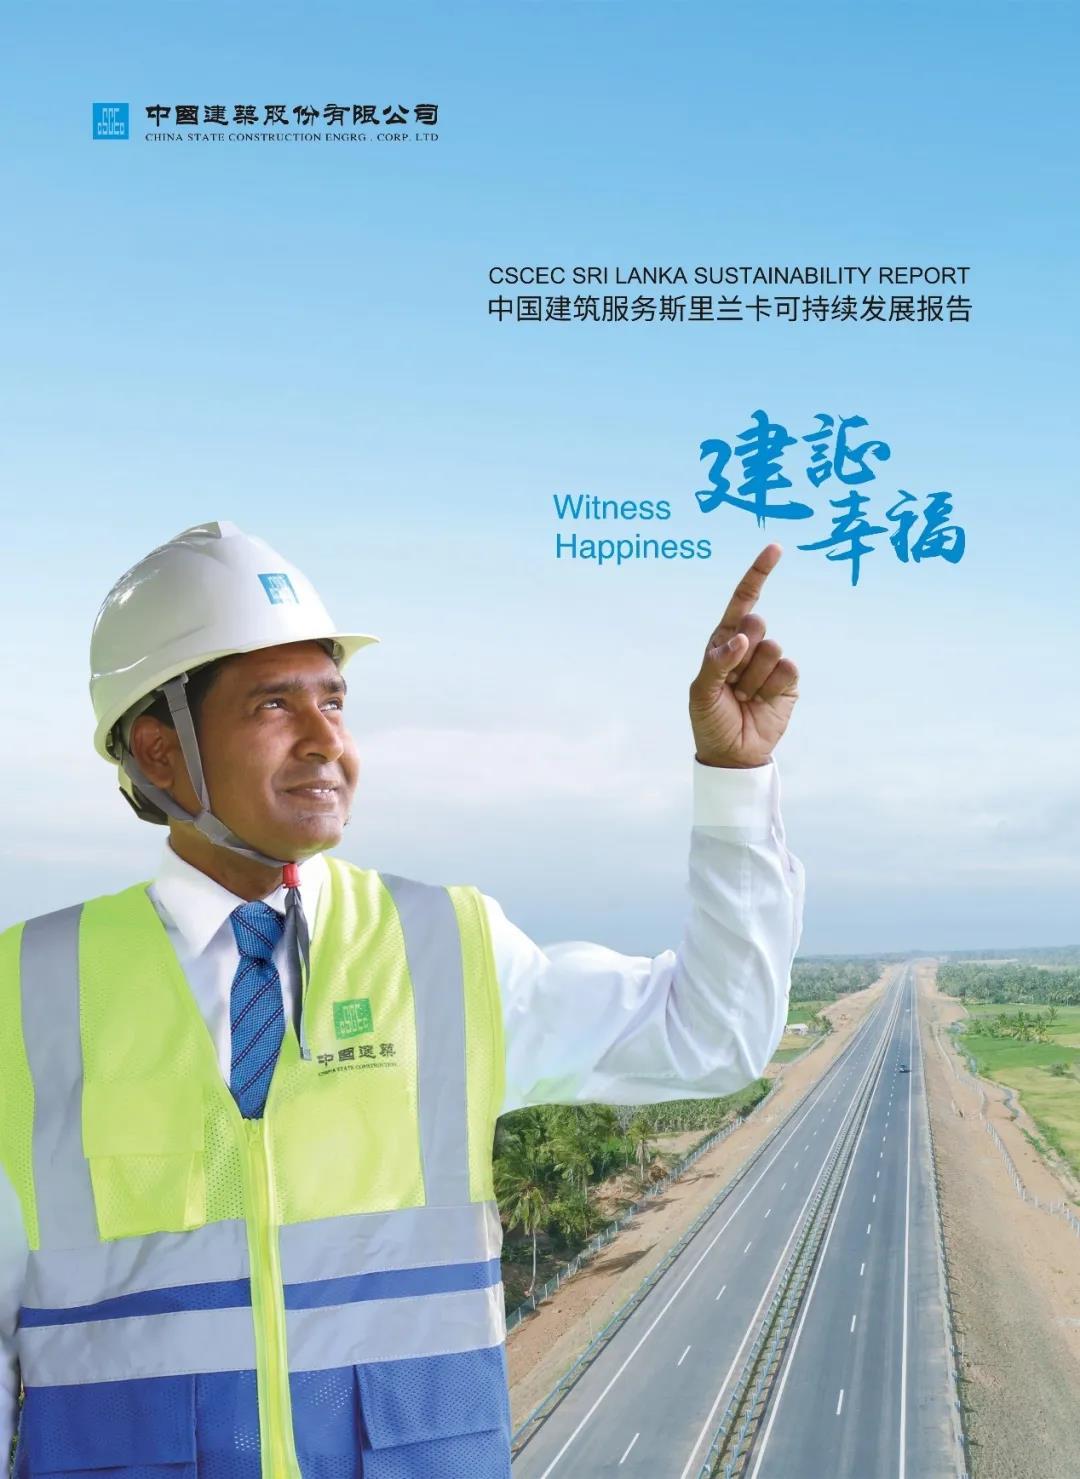 《中国建筑服务斯里兰卡可持续发展报告》正式发布